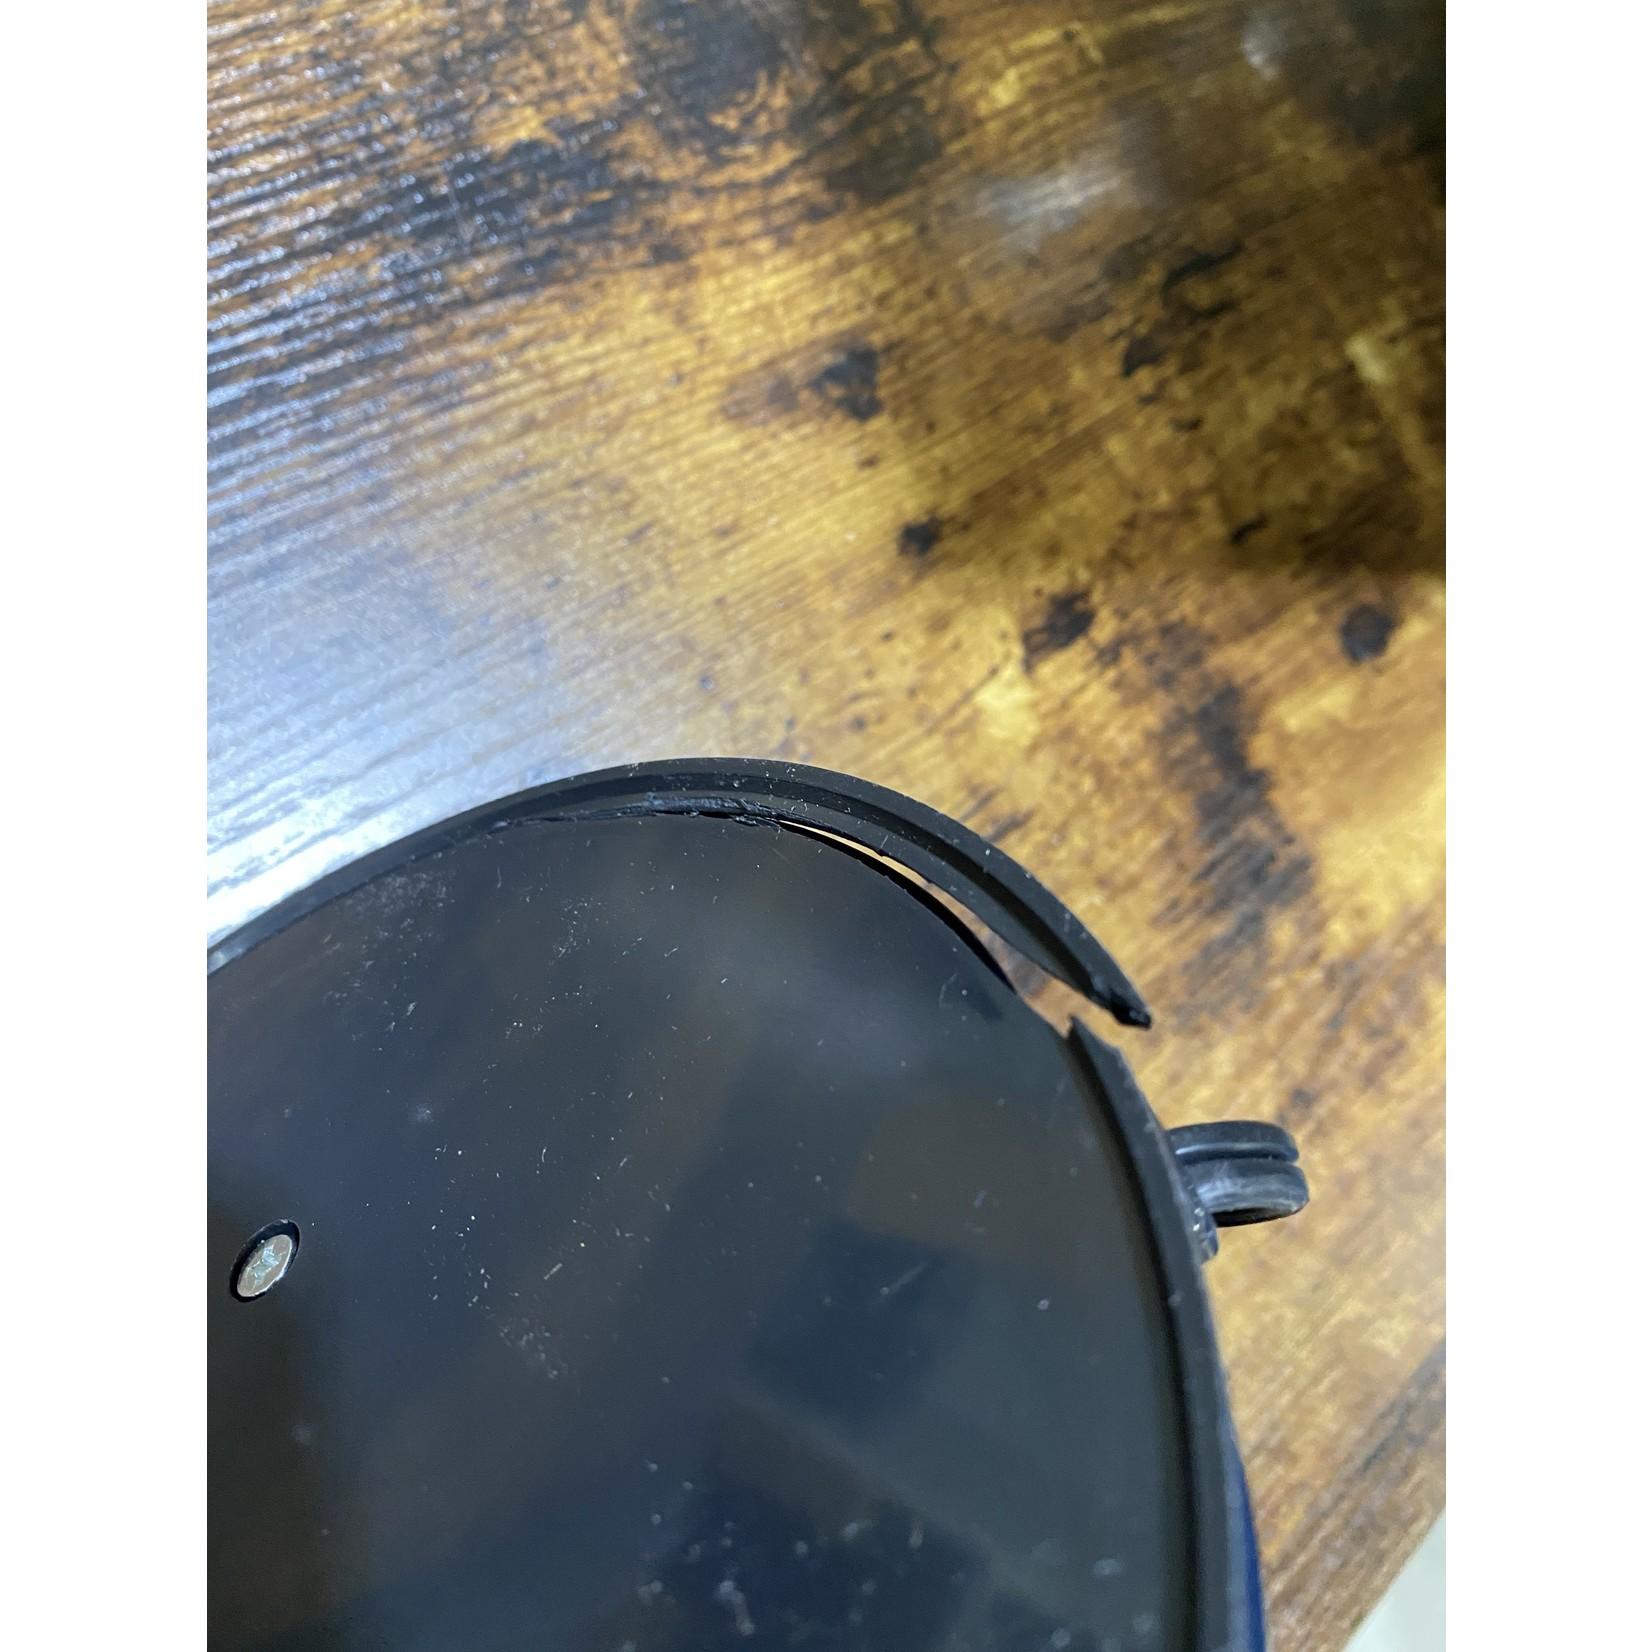 *Flexible Gooseneck Desk Lamp in Black - Cracked Bottom